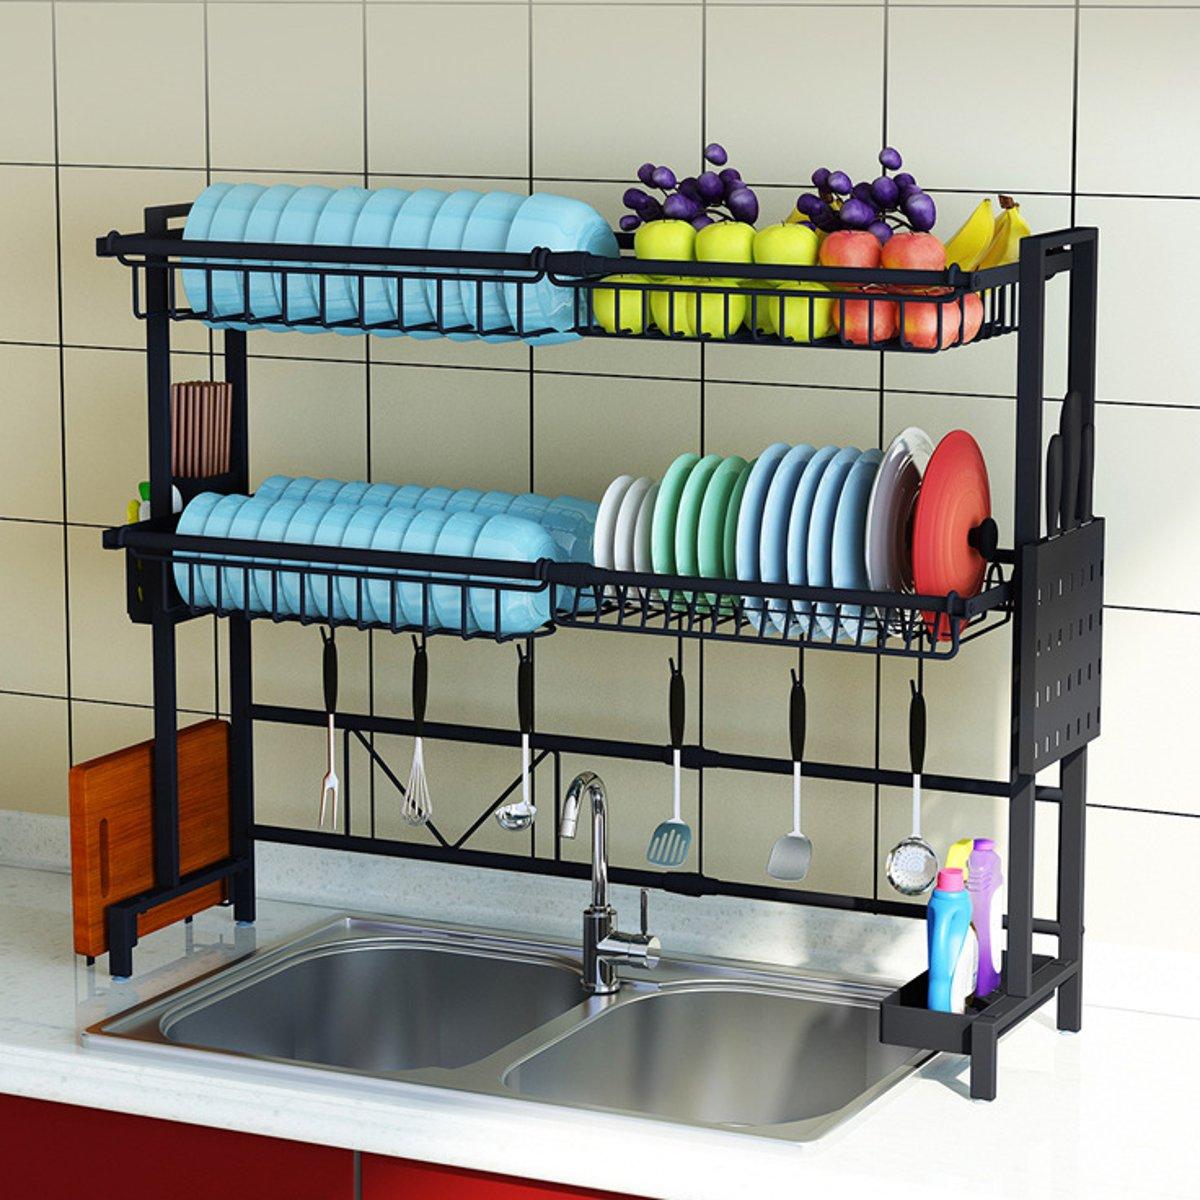 1/2 ชั้น Multi-ใช้สแตนเลสจาน Dual ชั้นวางท่อระบายน้ำครัวปรับ Oragnizer Rack จานชั้นวาง SINK Drying Rack